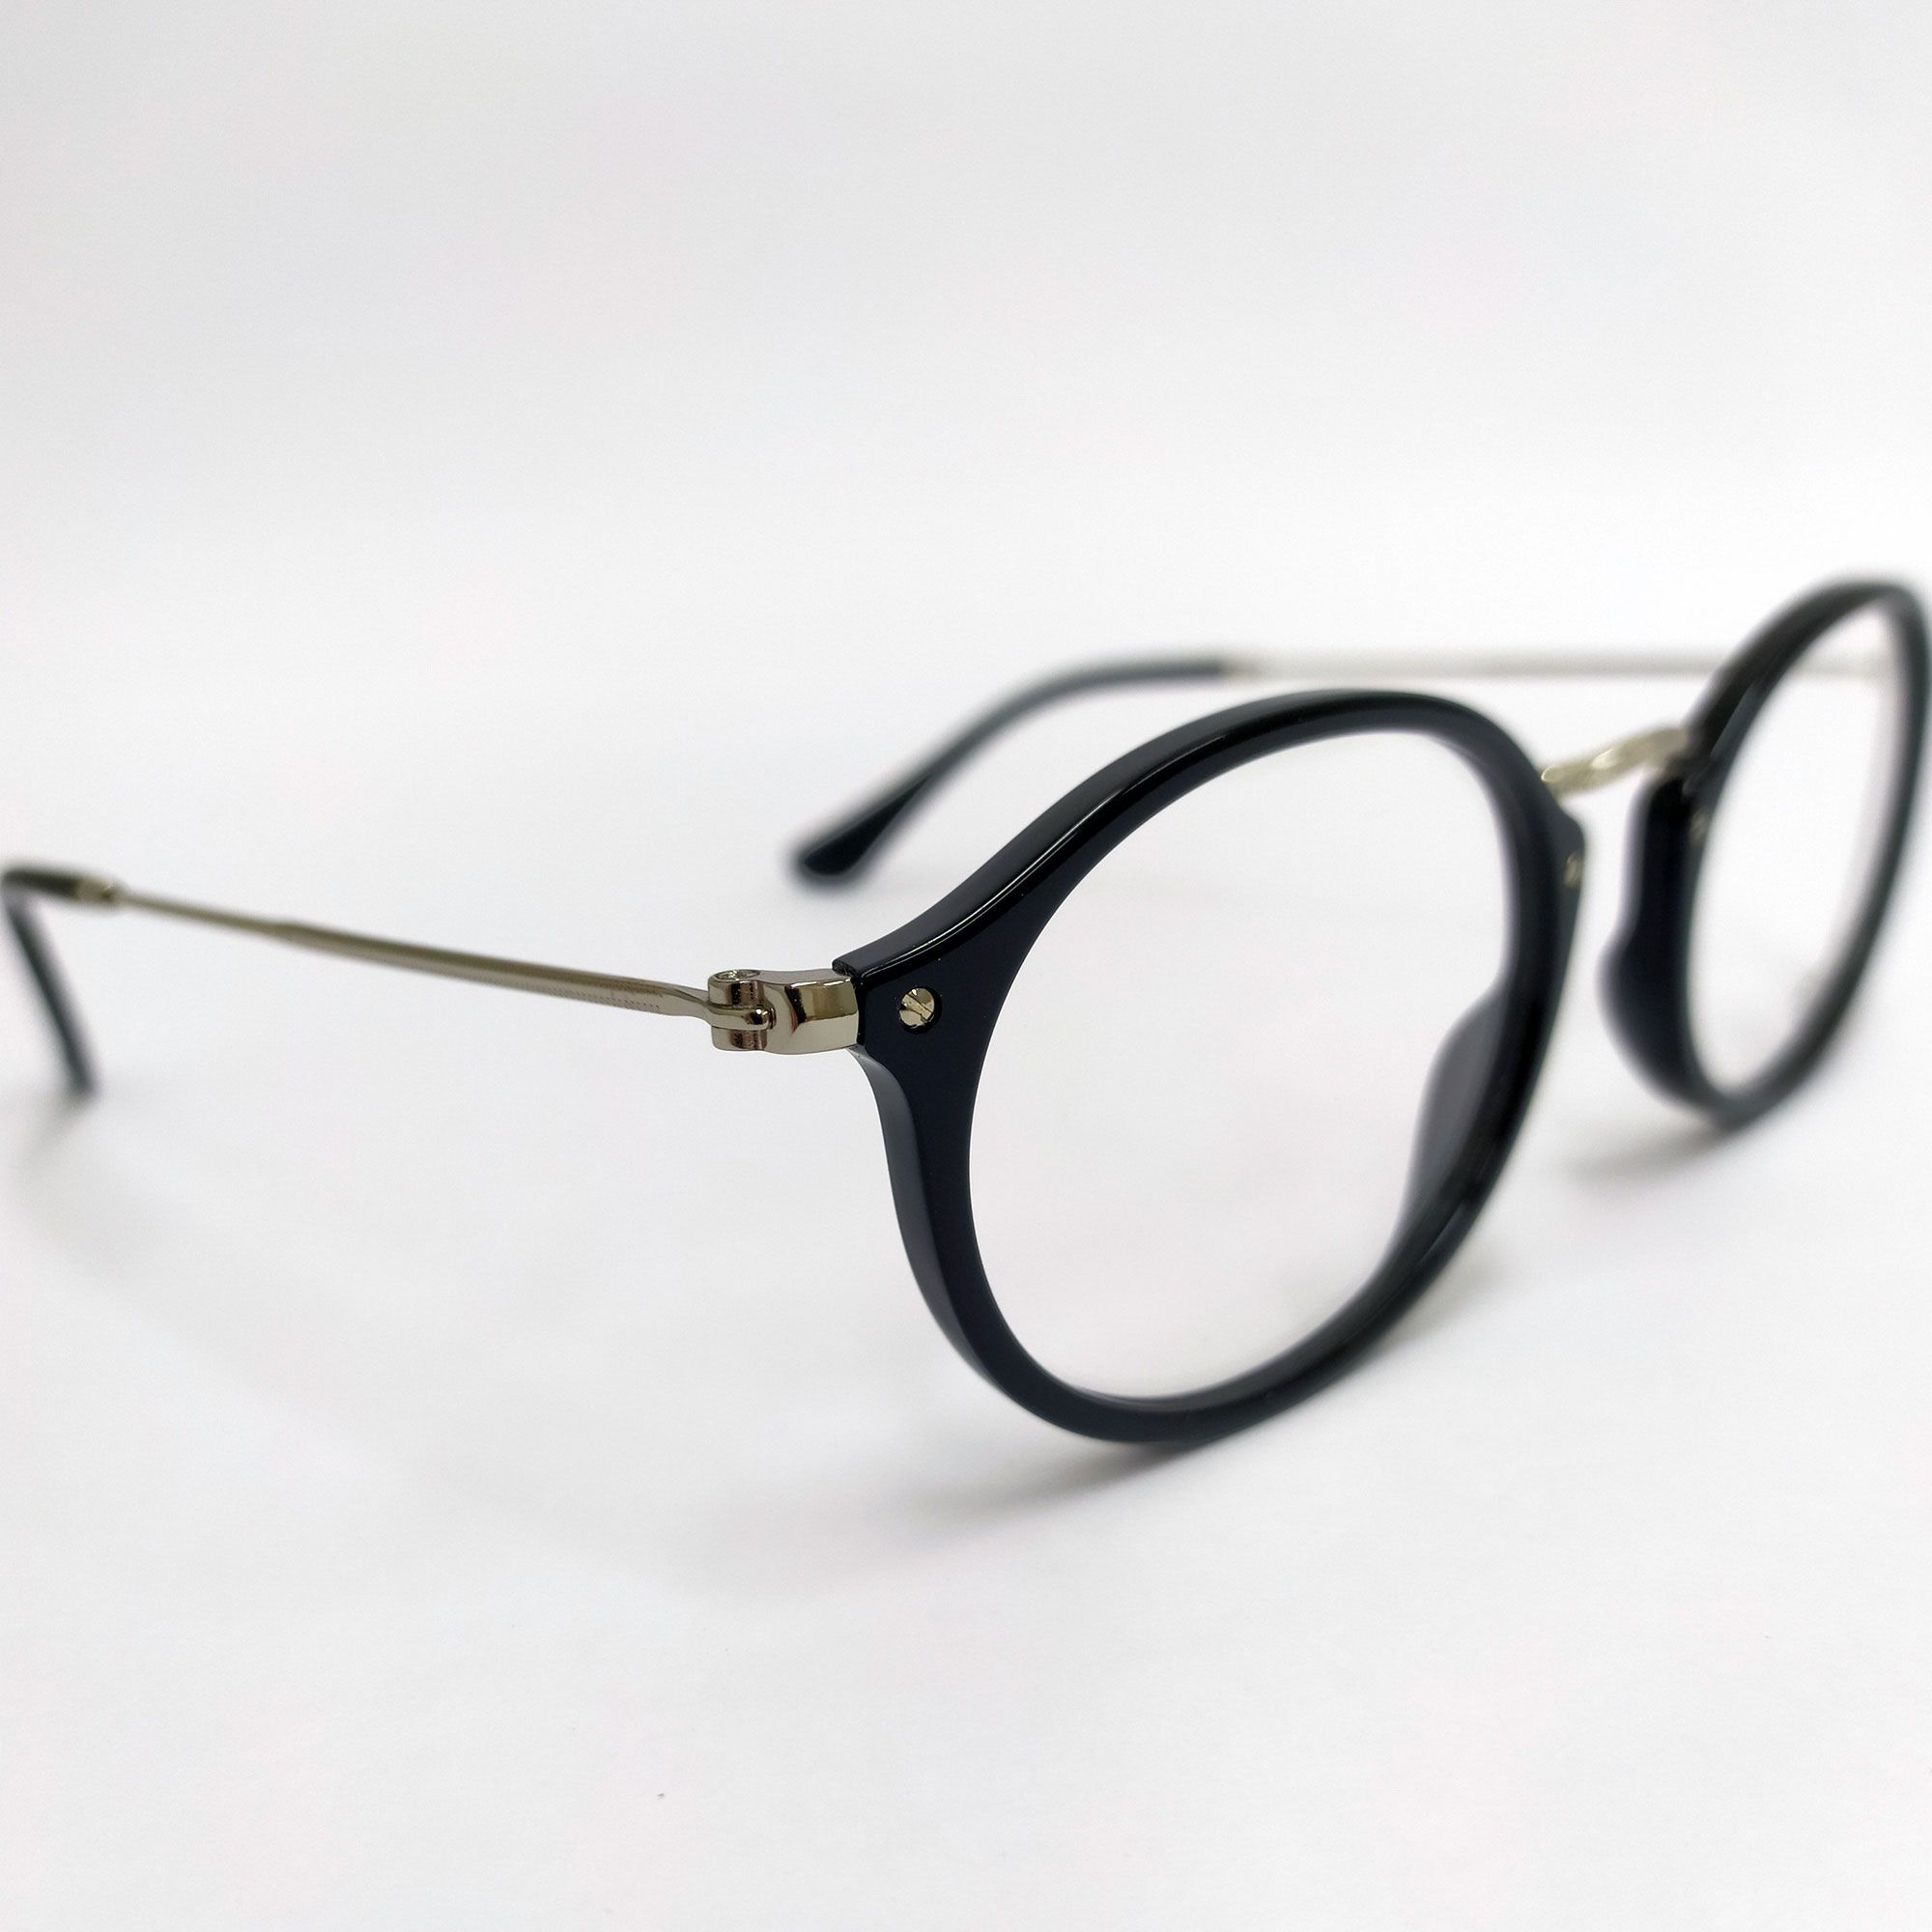 1cdf3c81b Óculos de Grau Ray-Ban Preto com Haste Prata 2547V - Óticas de Sá